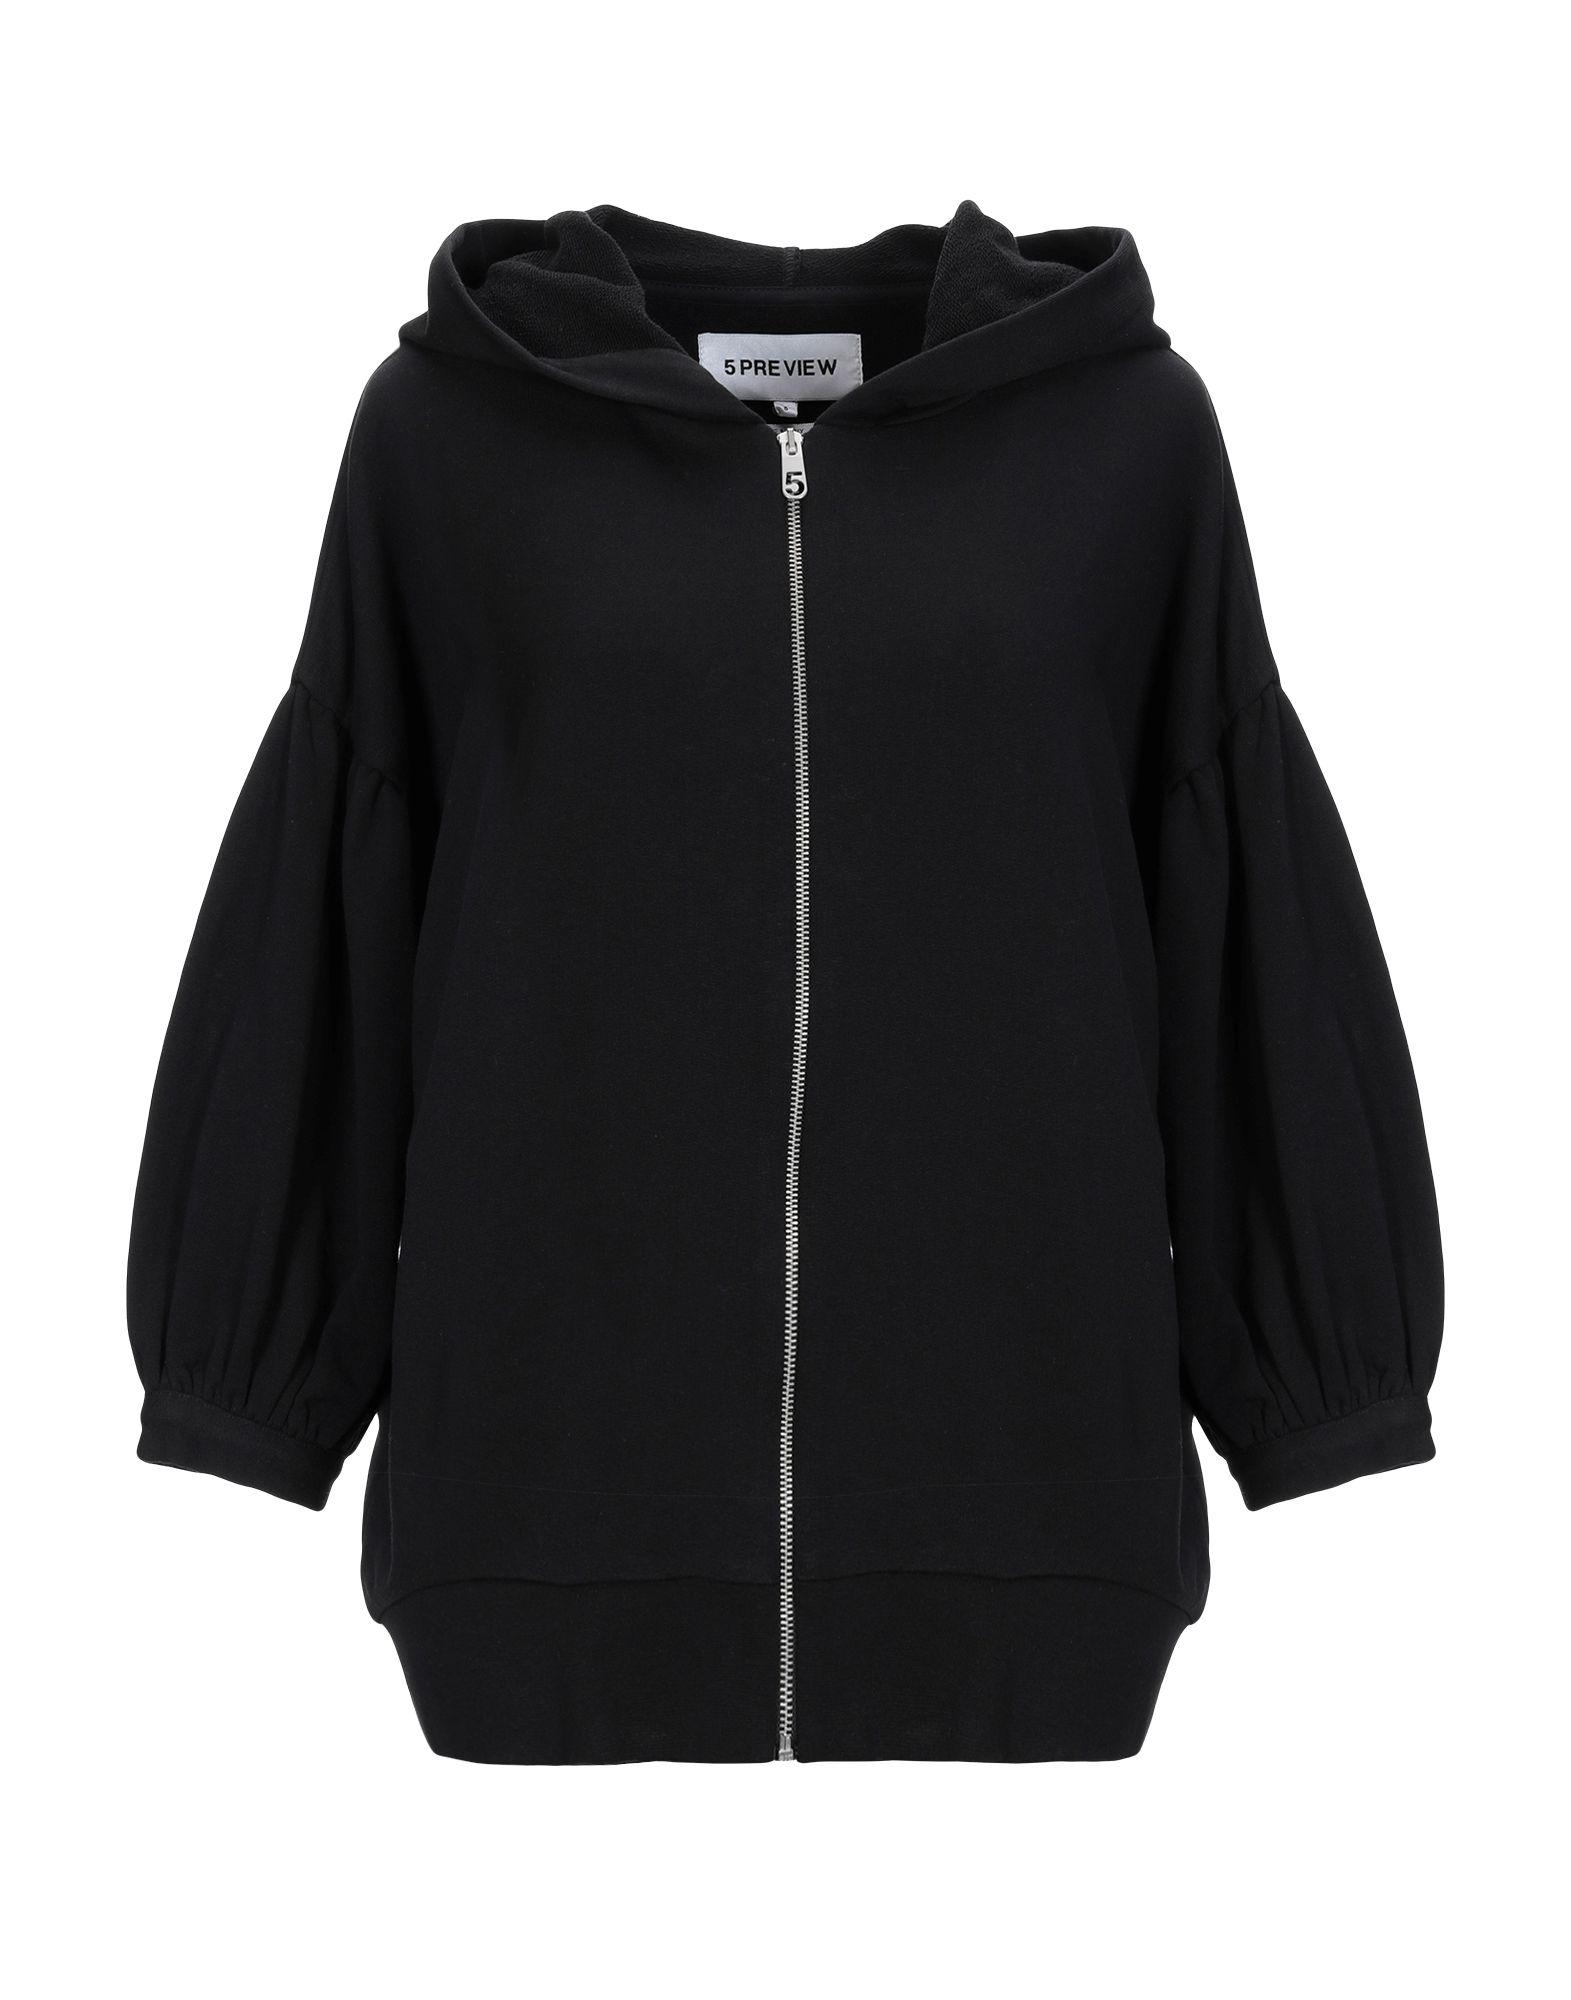 5PREVIEW Damen Sweatshirt5 schwarz